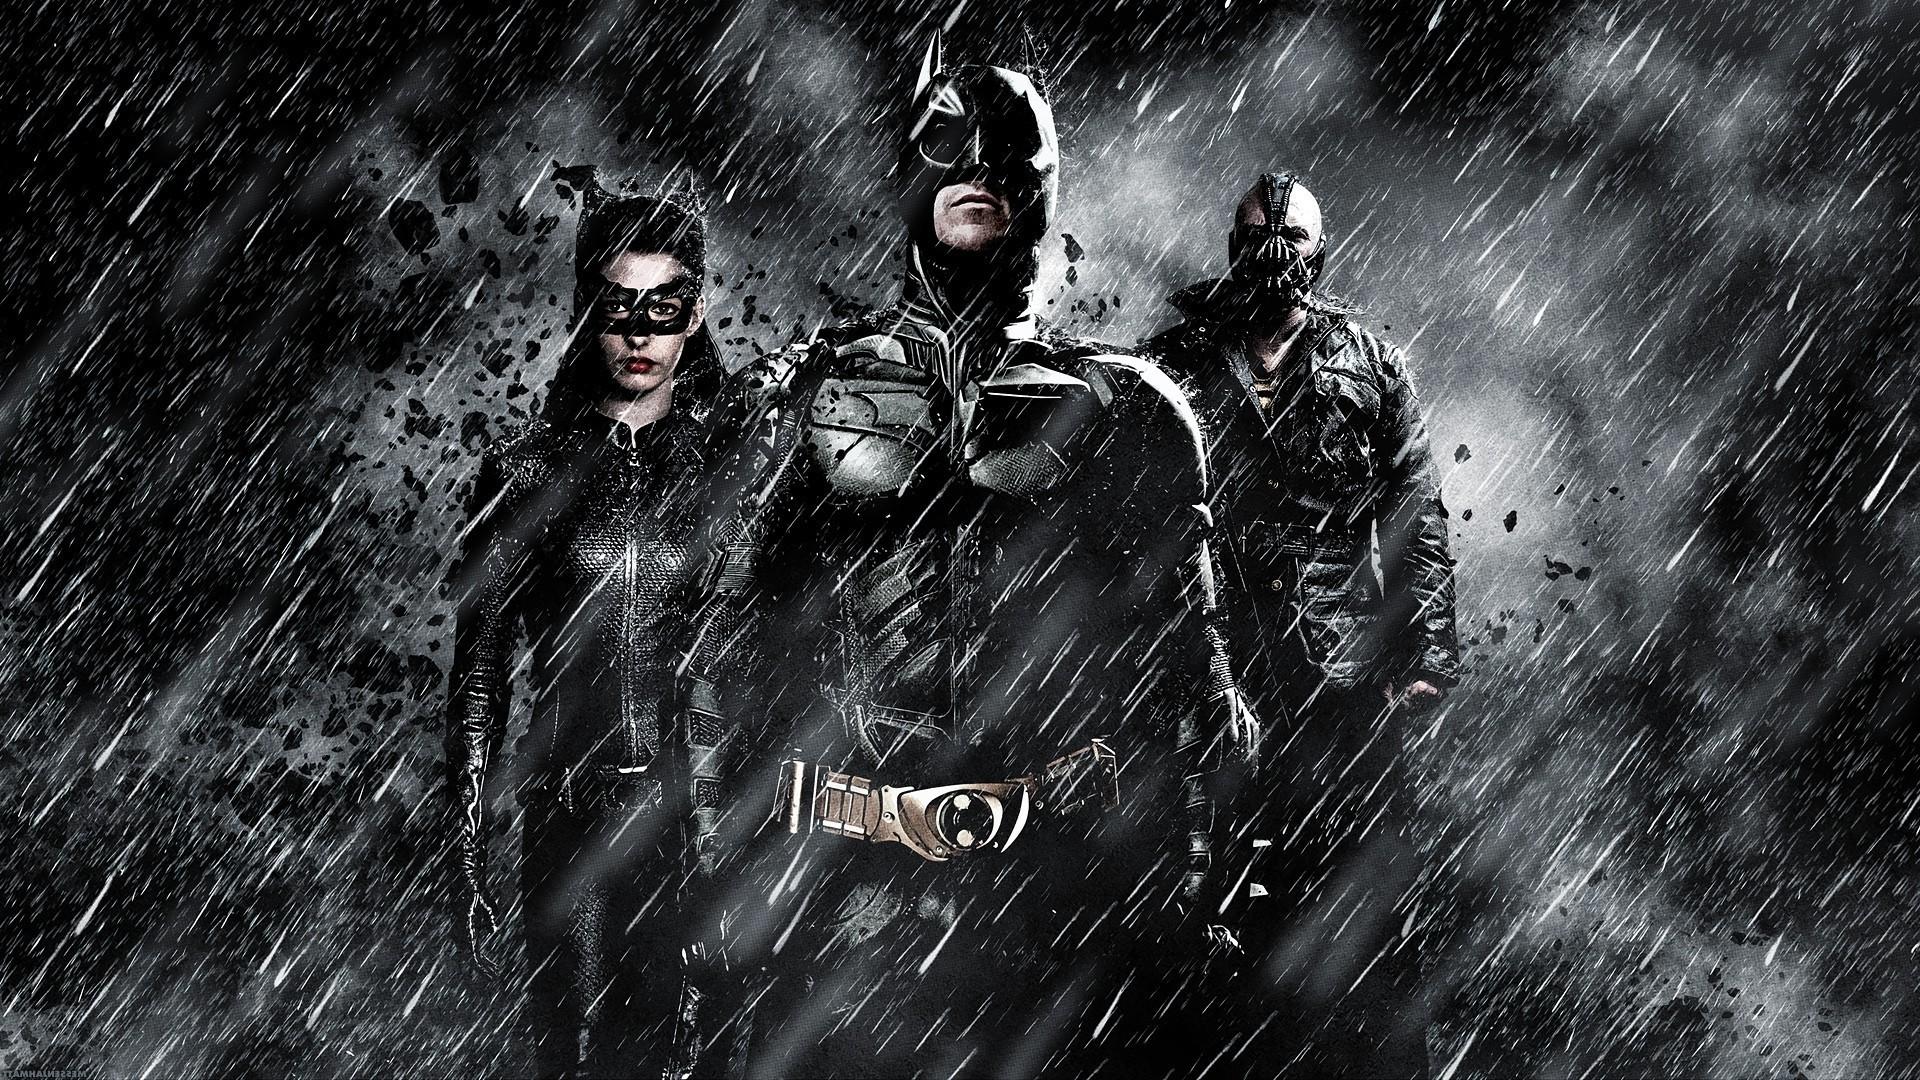 Dark Knight Free Wallpaper